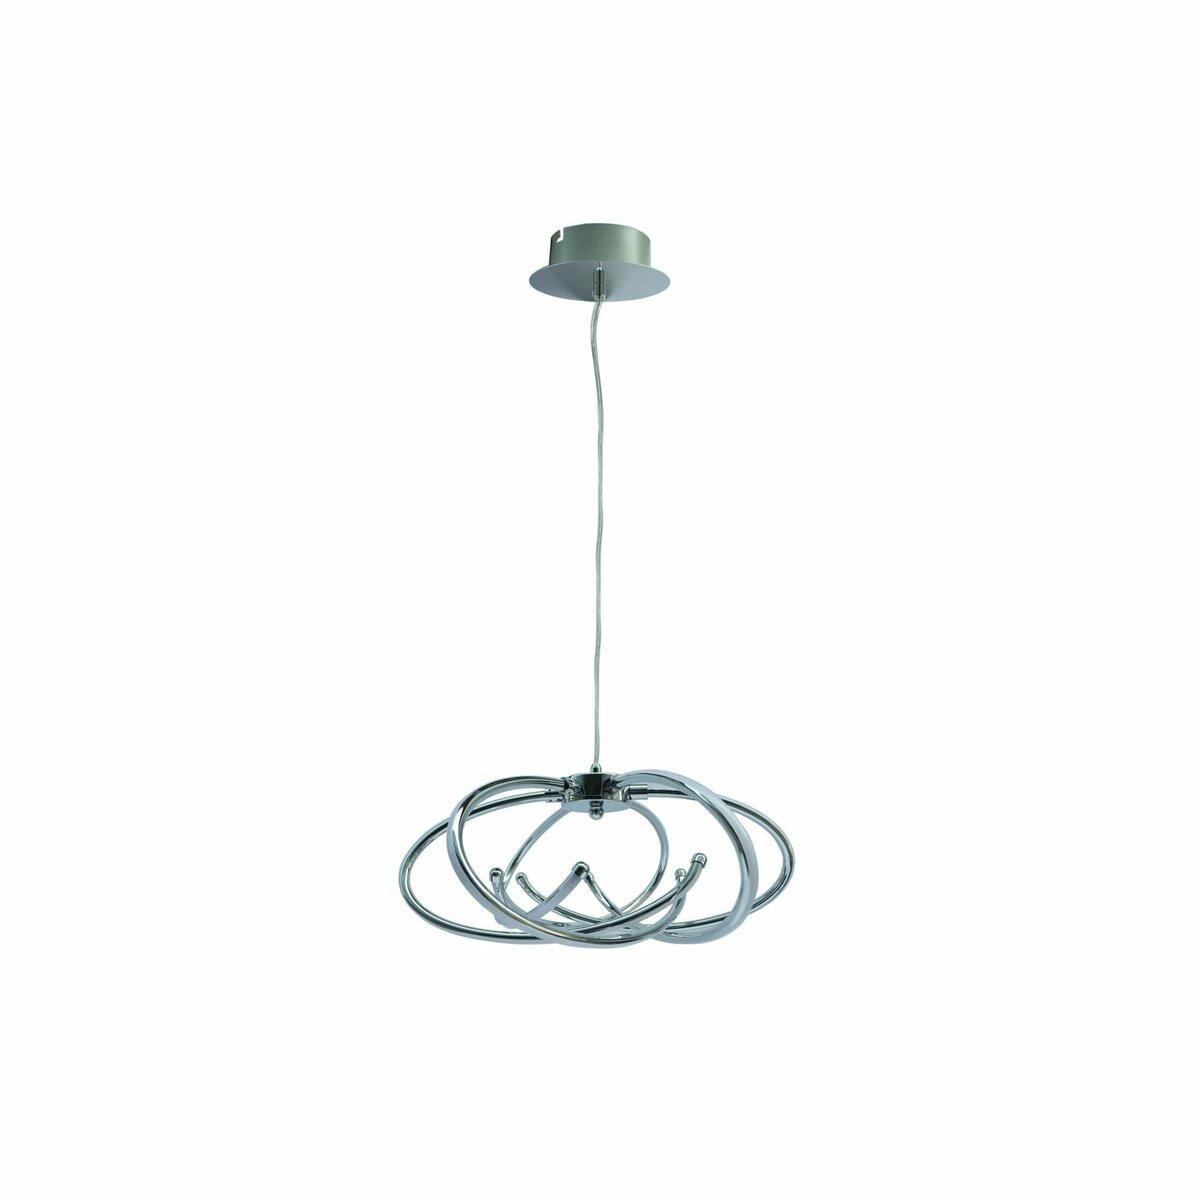 Bild 1 von DesignLive LED-Pendelleuchte   Mehe